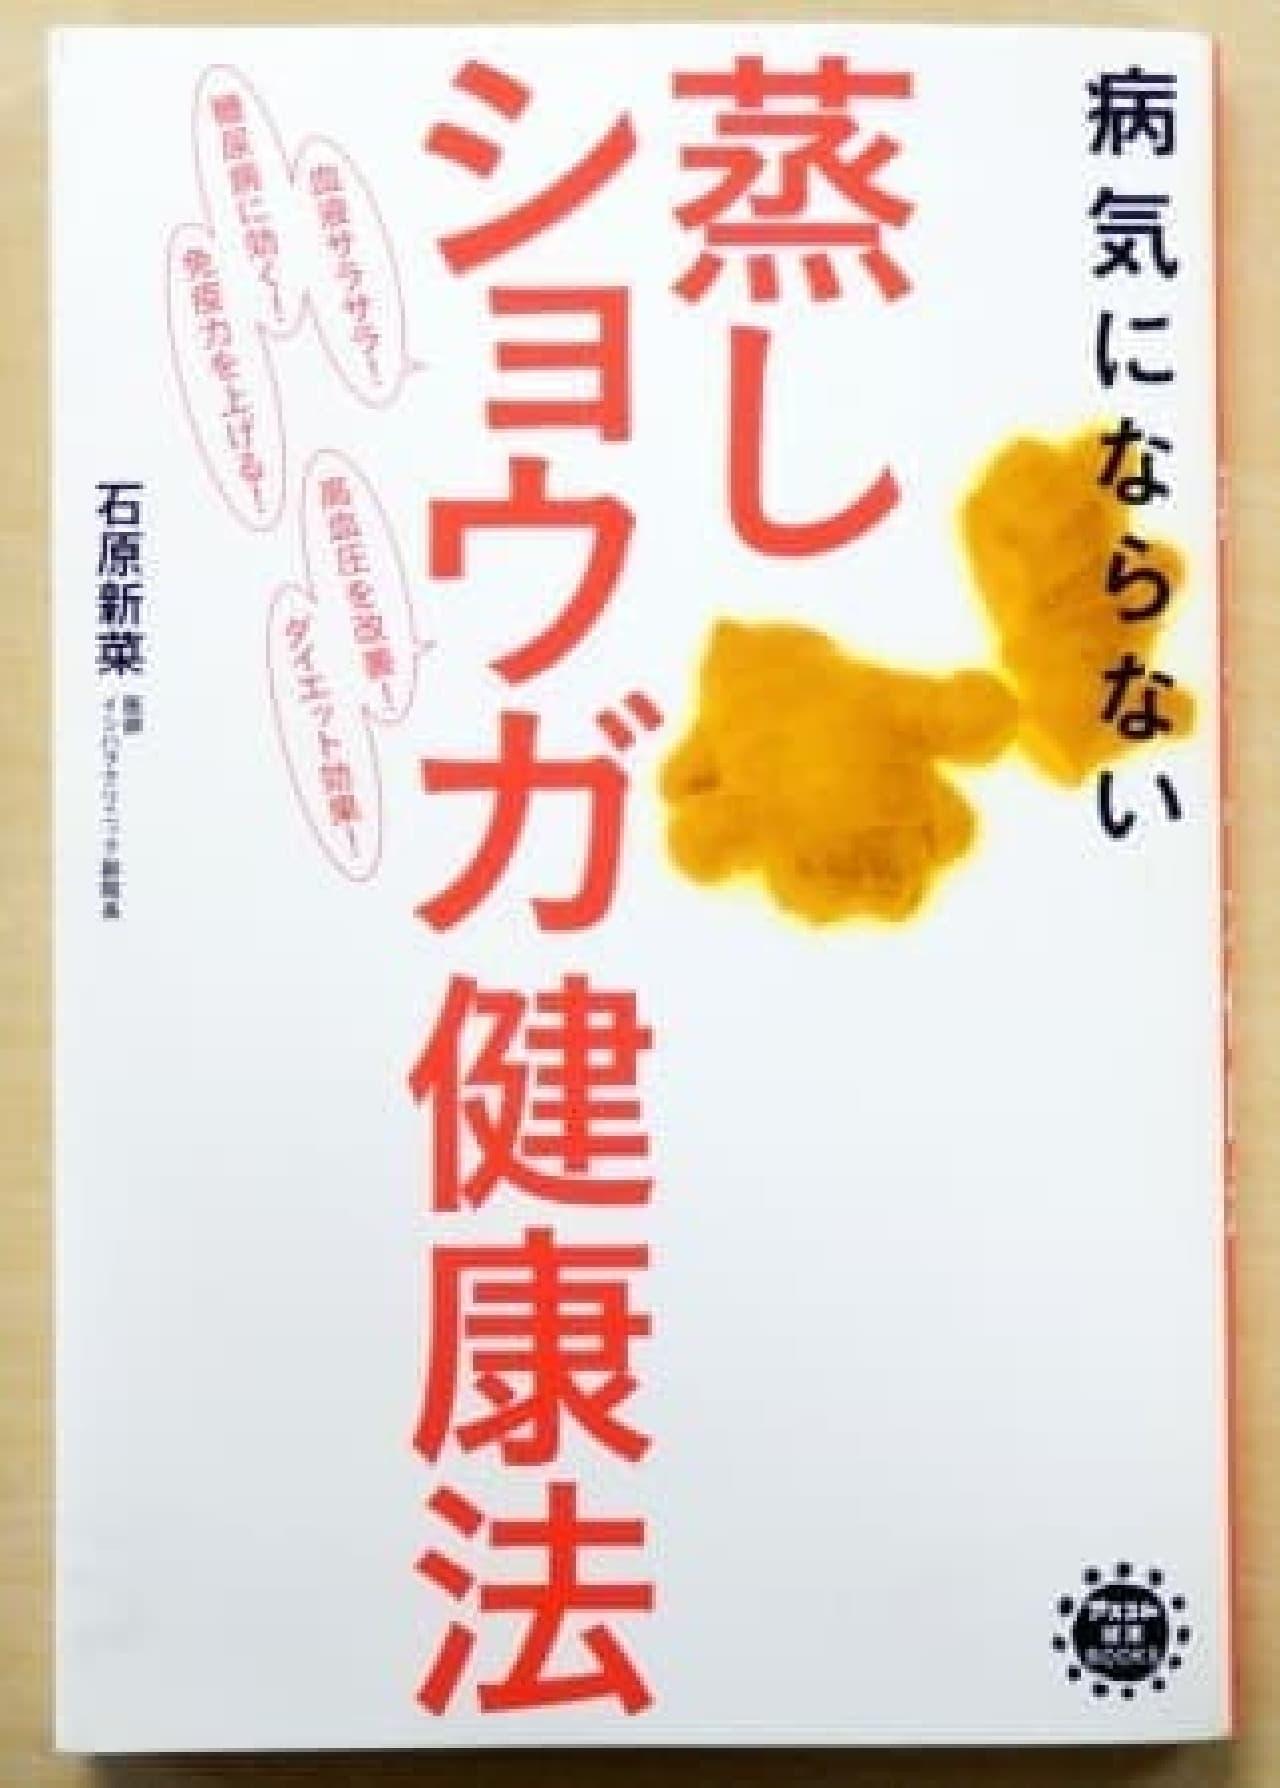 病気にならない 蒸しショウガ健康法 / 石原新菜